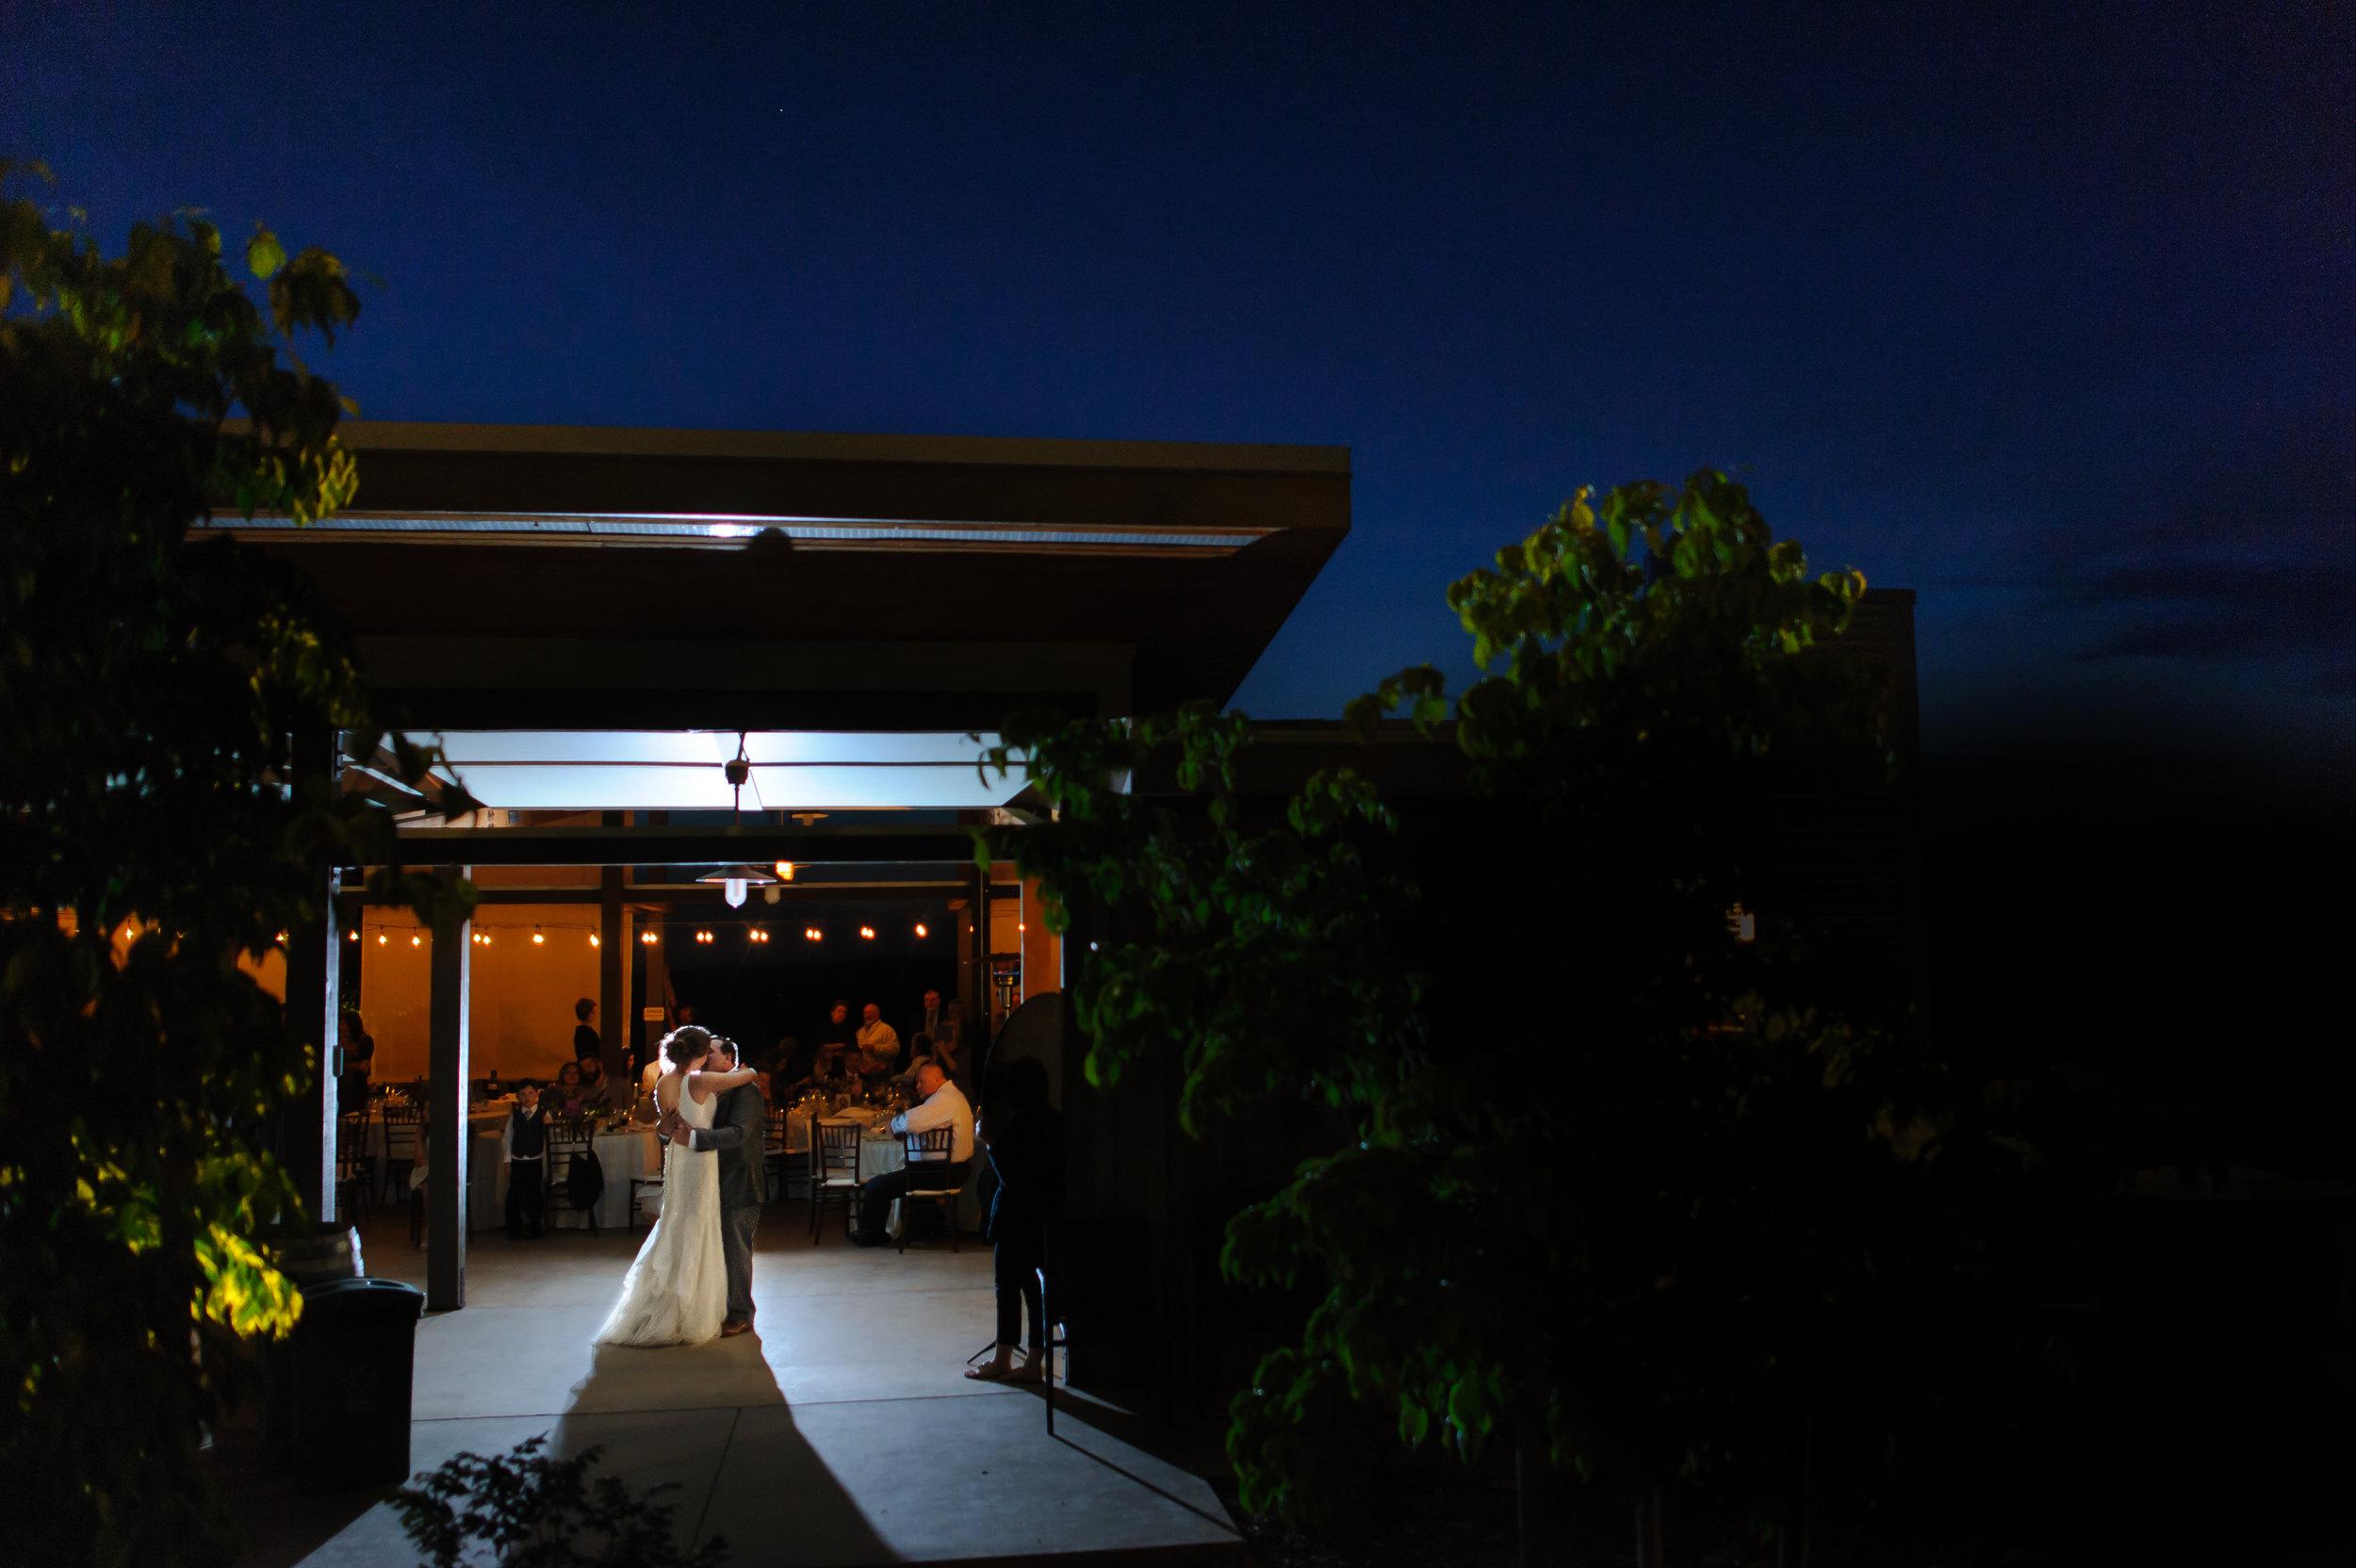 casey-sasha-037-helwig-winery-plymouth-wedding-photographer-katherine-nicole-photography.JPG